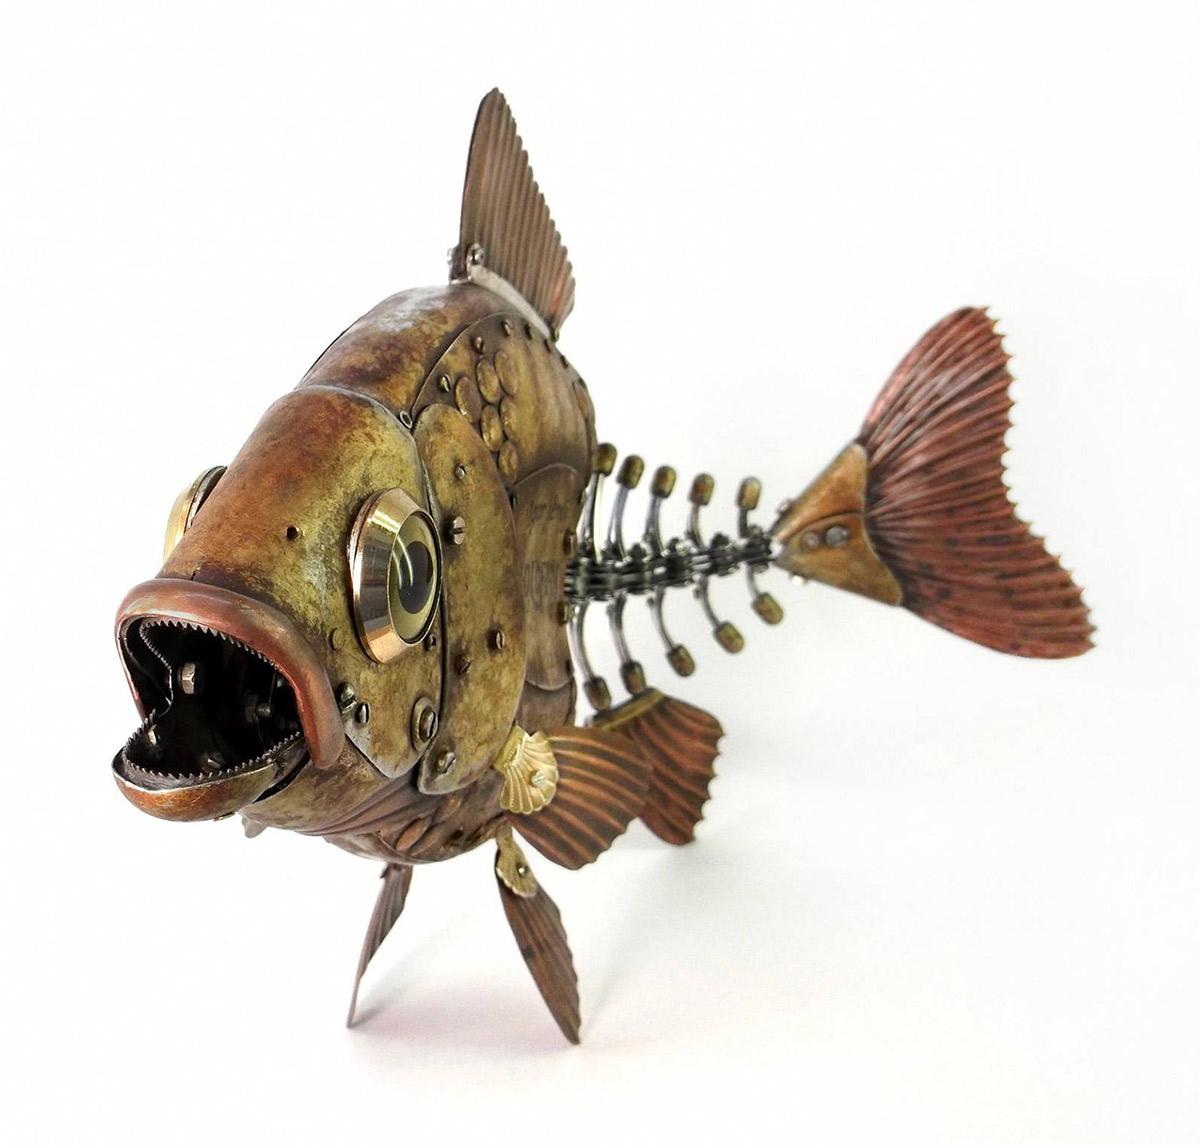 Как сделать муляж рыбы своими руками